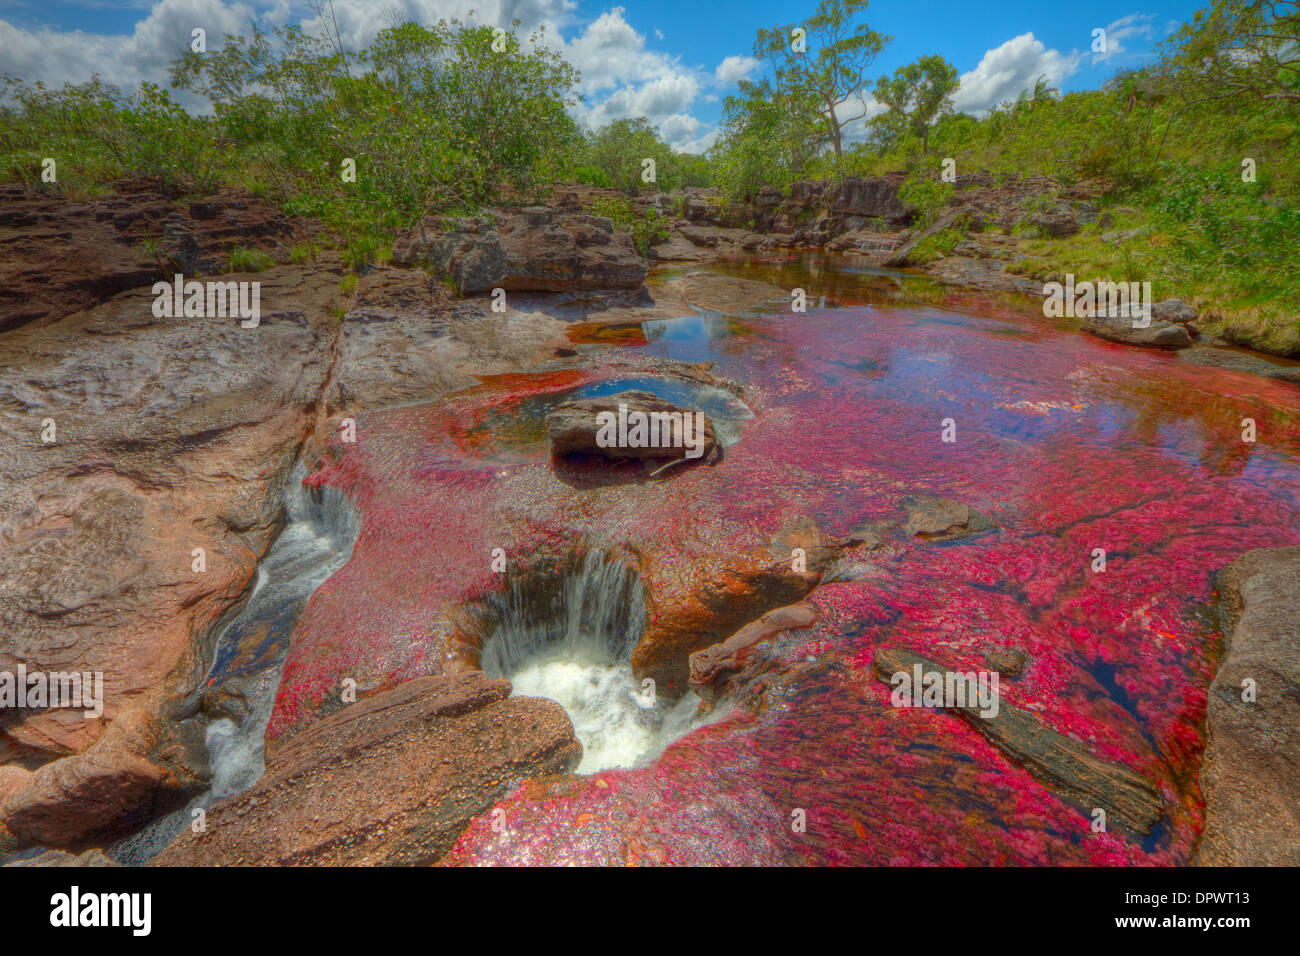 Couleurs à Cano Cristales, Colombie plantes subaquatiques (Macarenia clarigera) endémique au petit ruisseau et la région, zone Llano Photo Stock